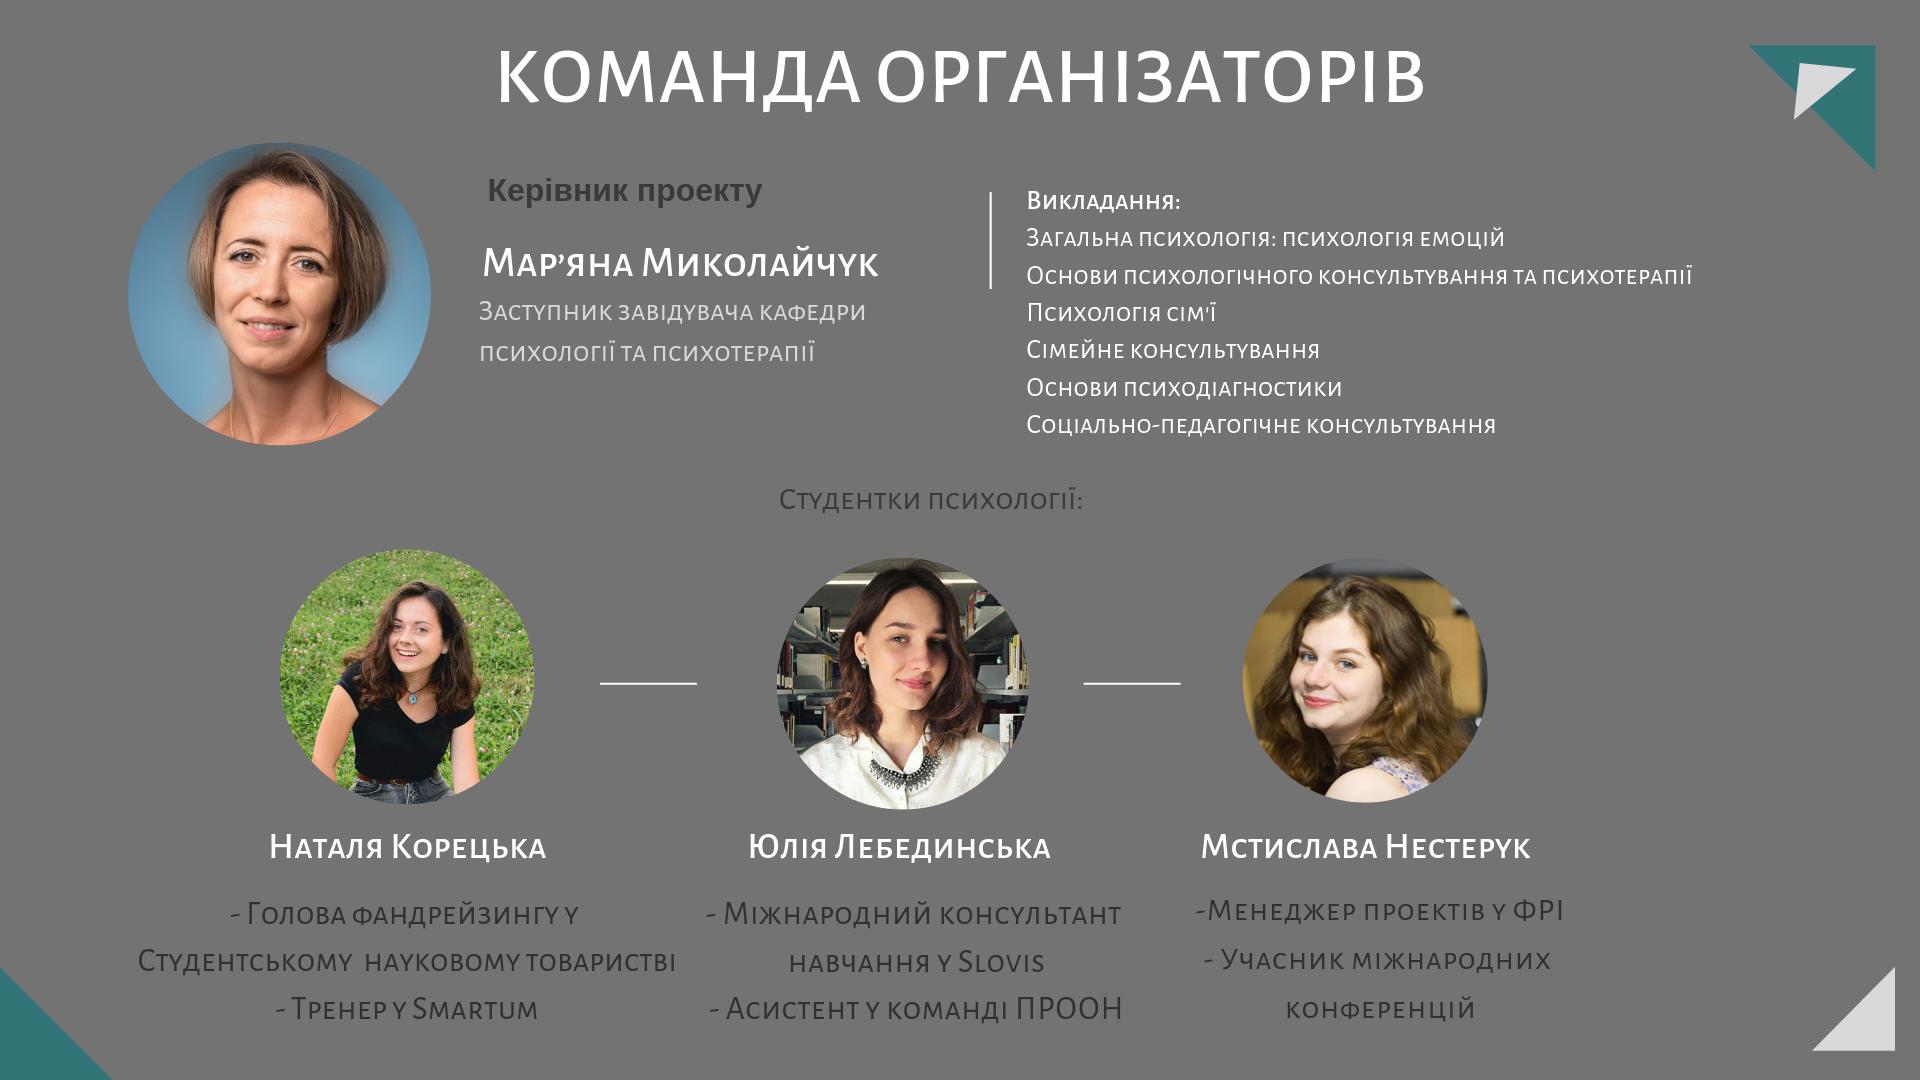 команда організаторів